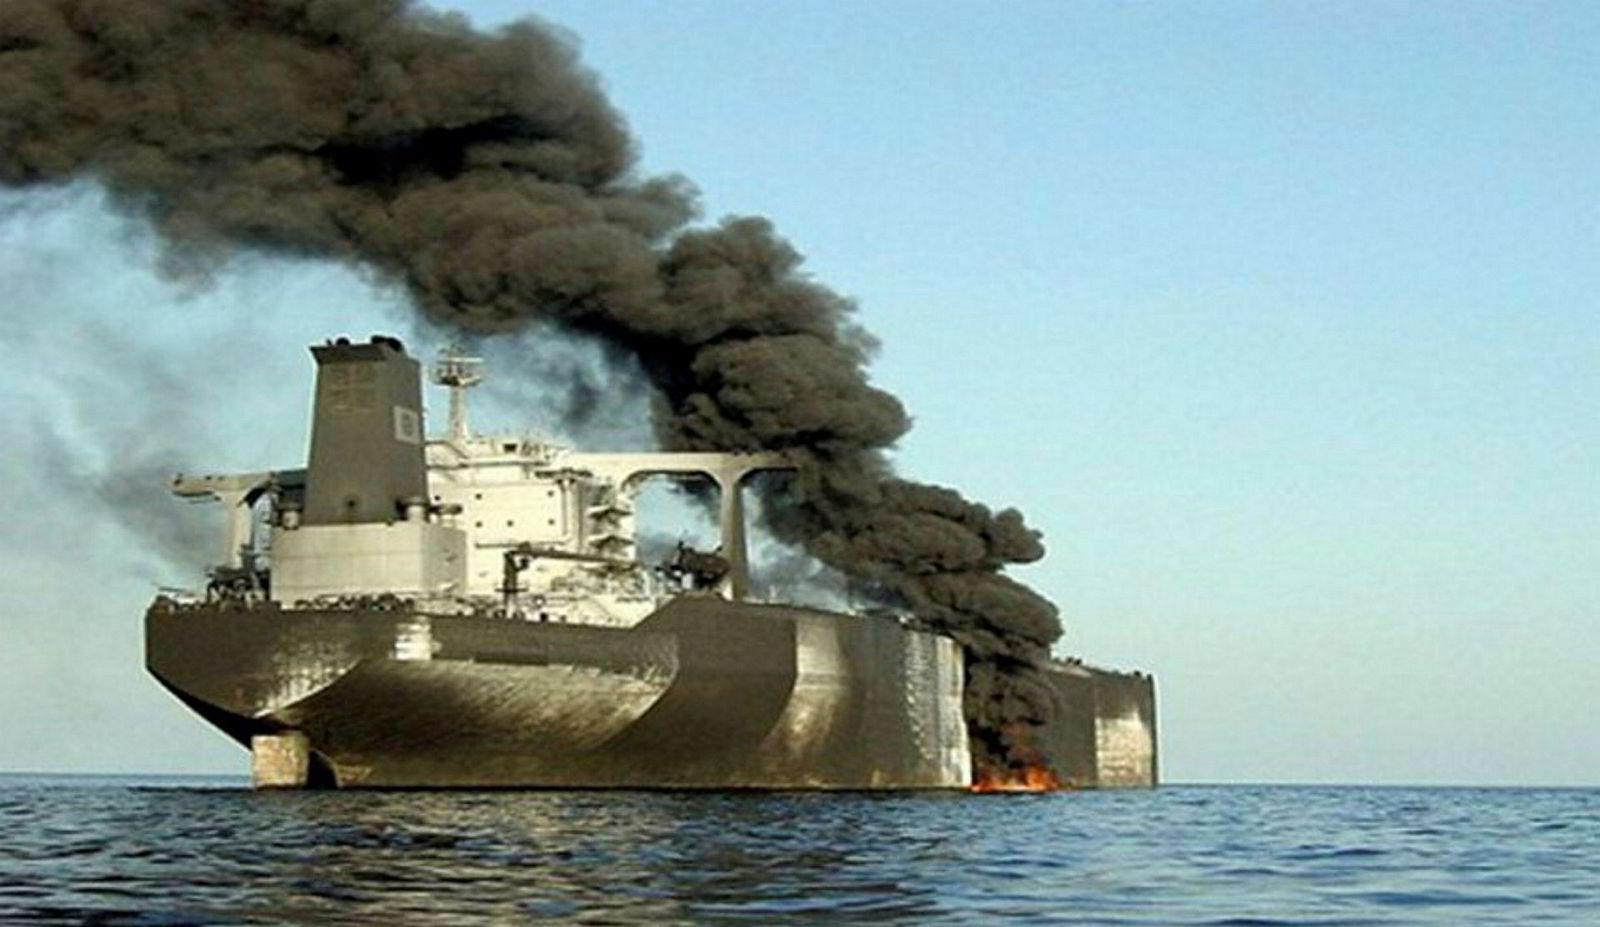 Brannen har berørt rundt to tredjedeler av styrbord side av skipet, viser bildene.